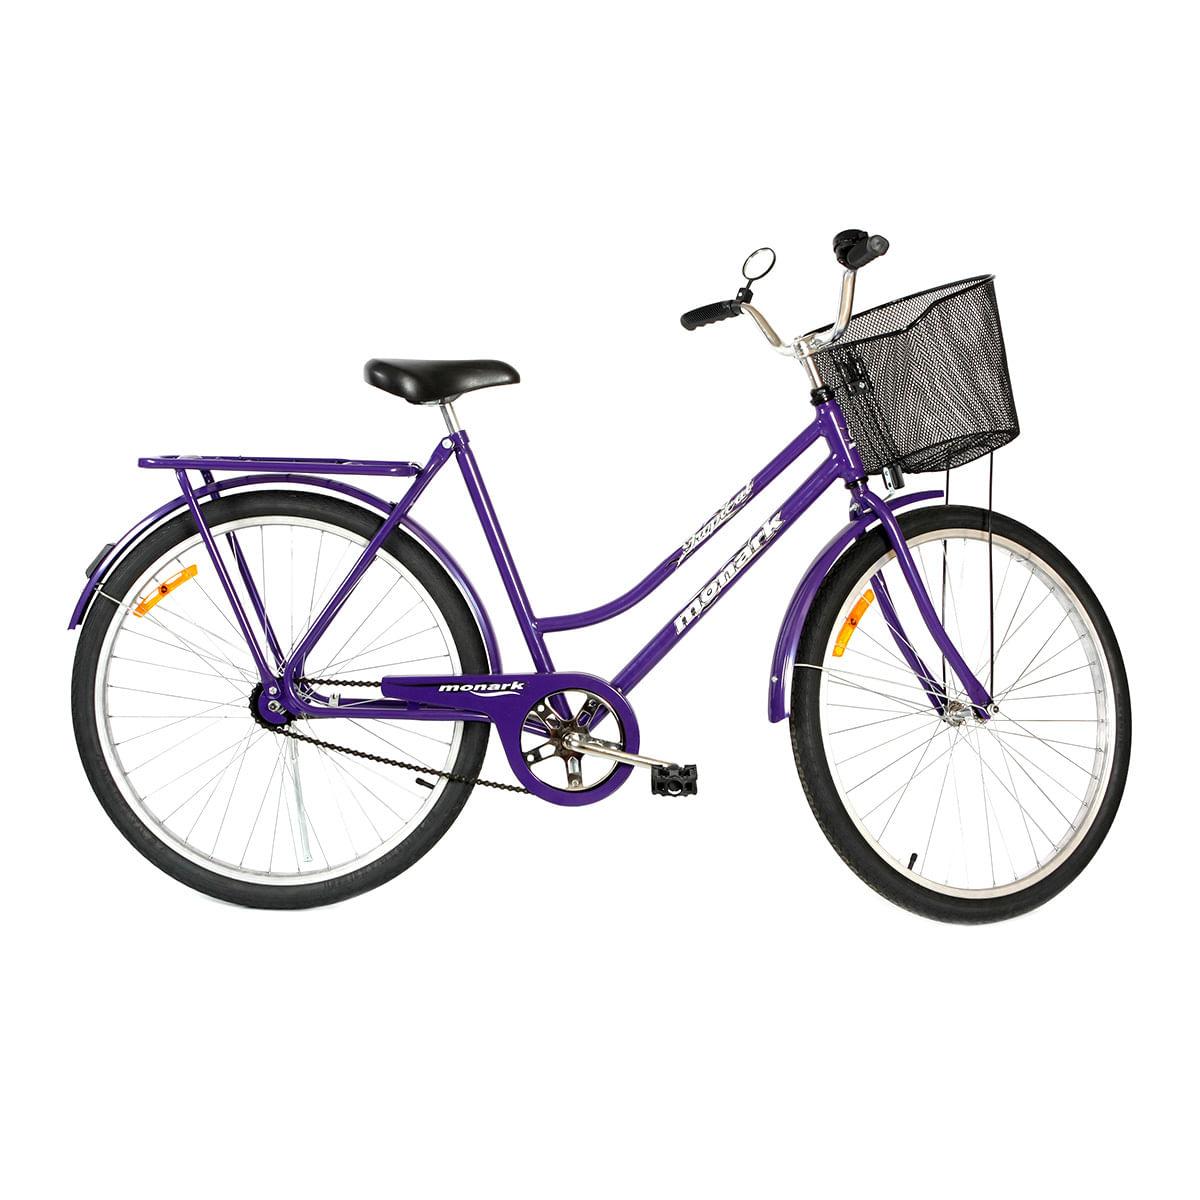 Imagem de Bicicleta Aro 26 Tropical Cp Lazer Monark